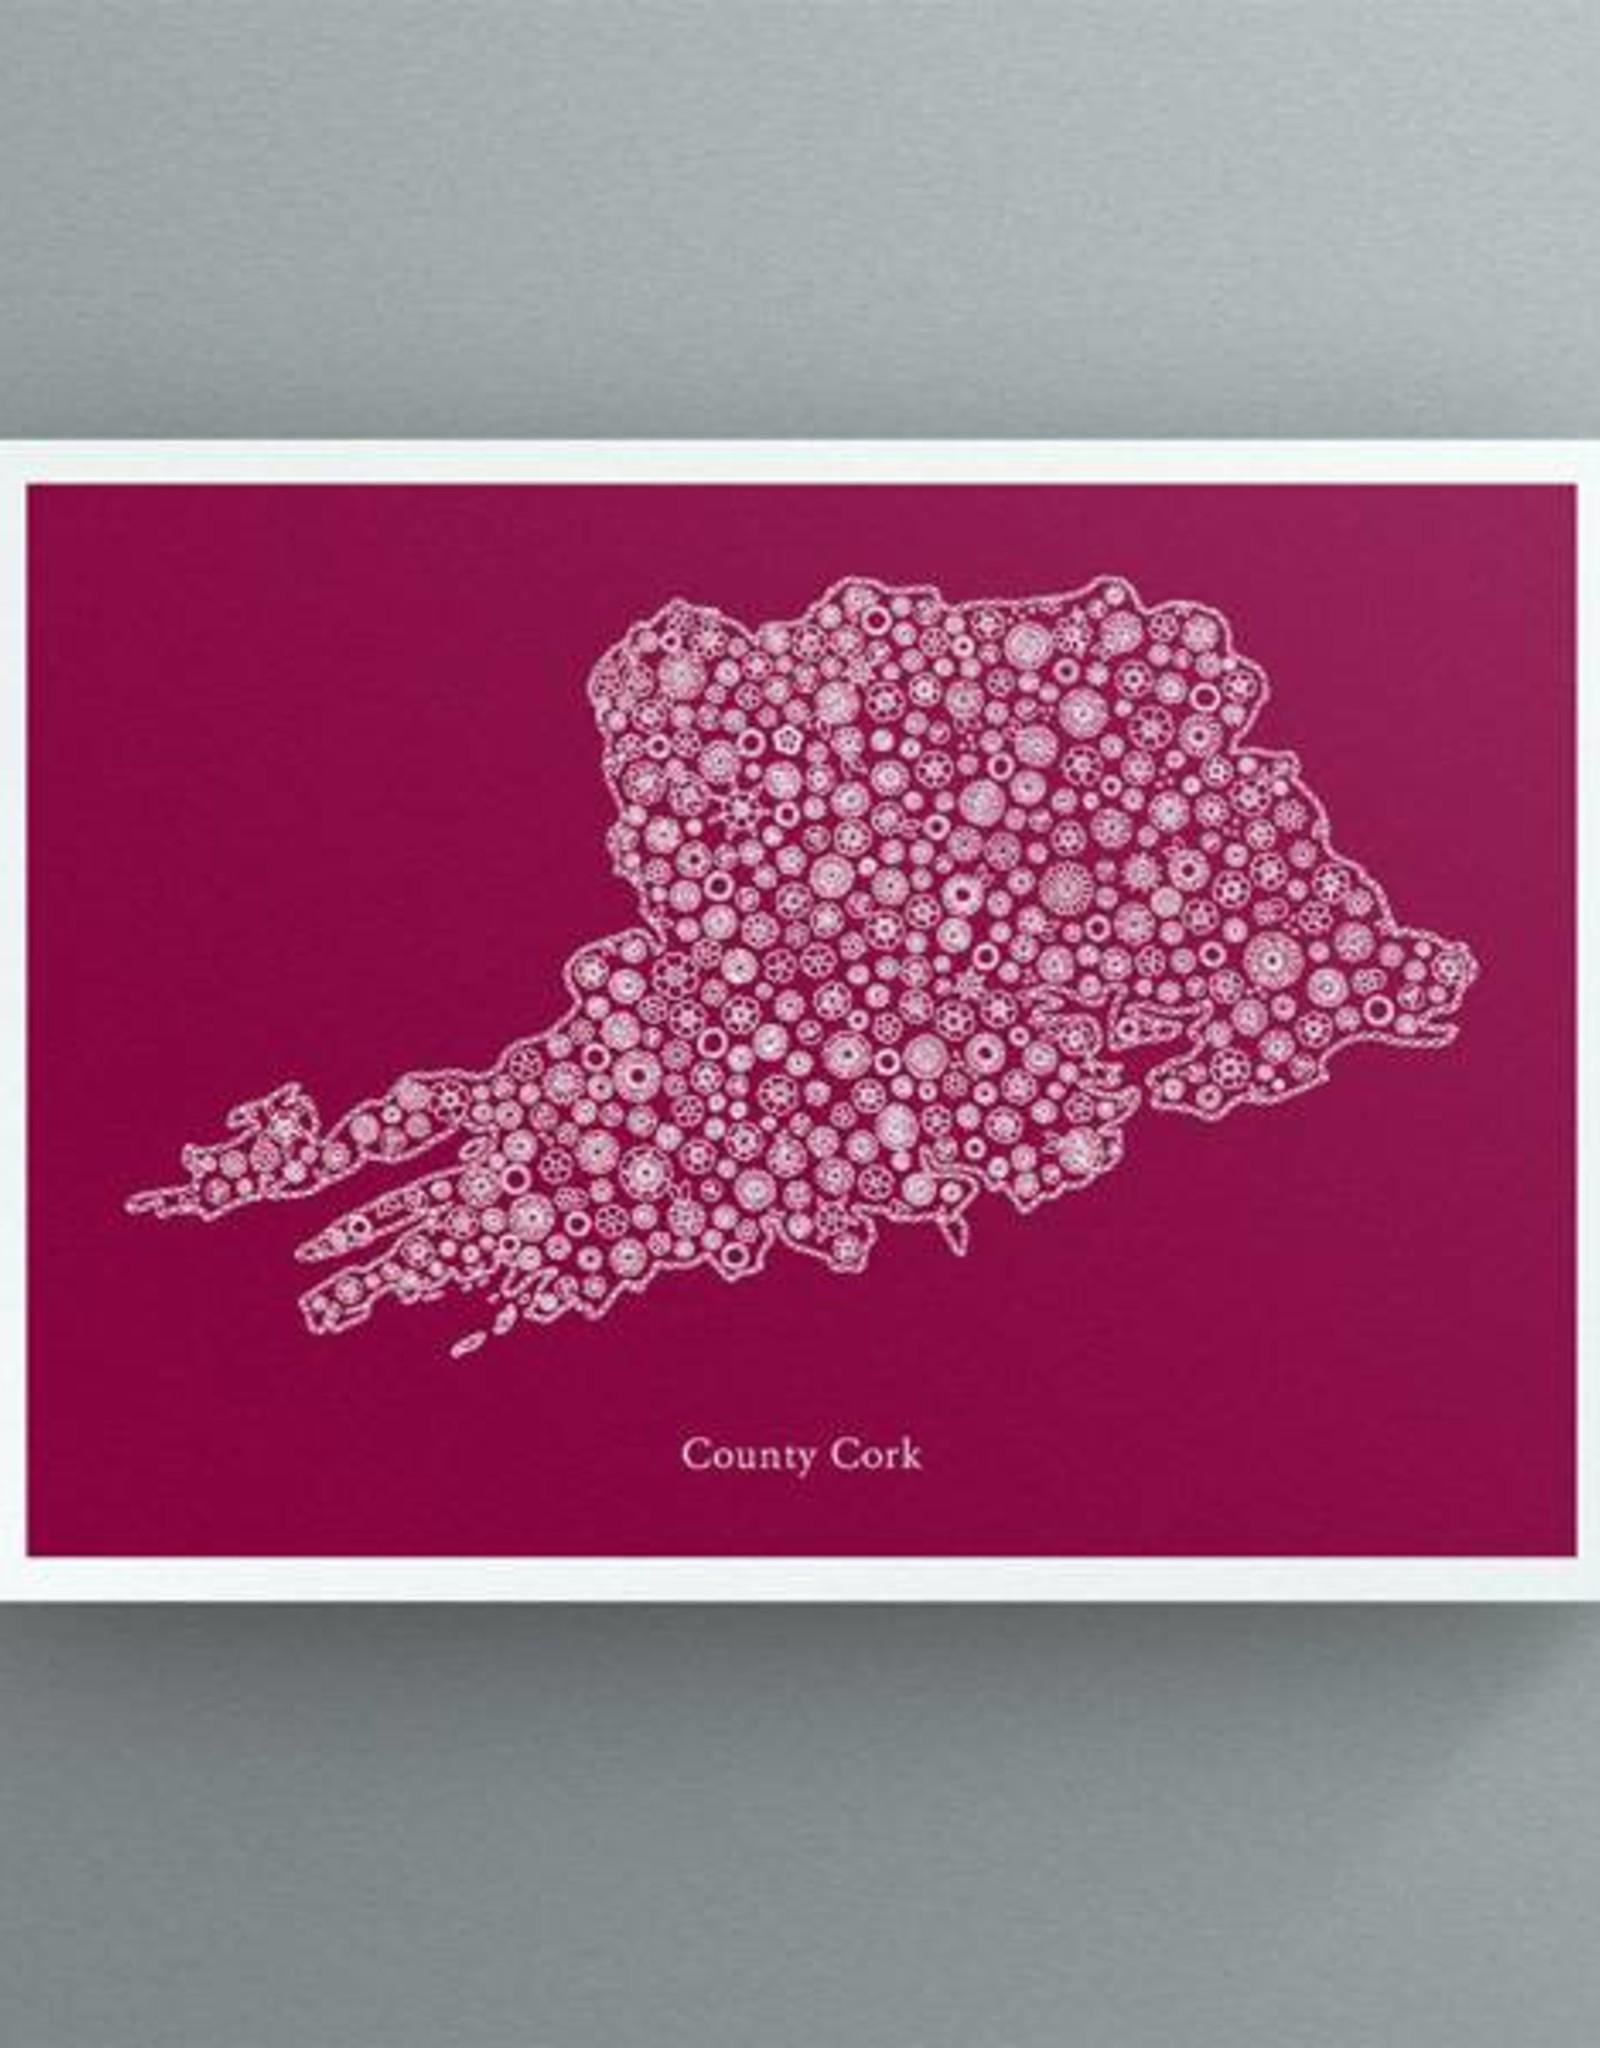 Petal to Petal Petal to Petal Cork in Bloom Print Red